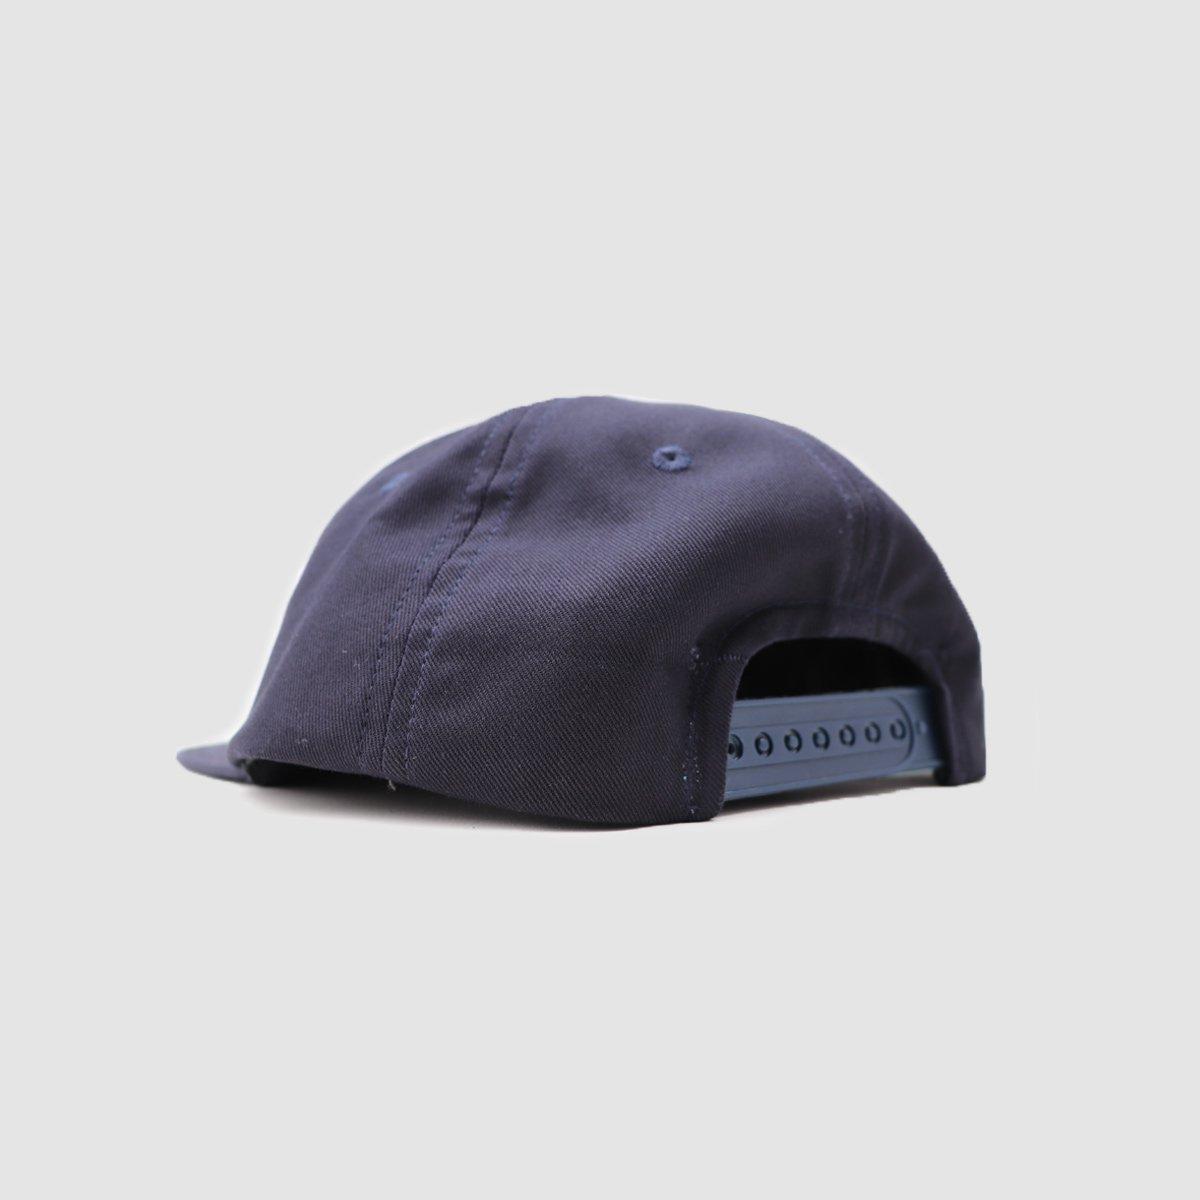 JOBA CAP 詳細画像6